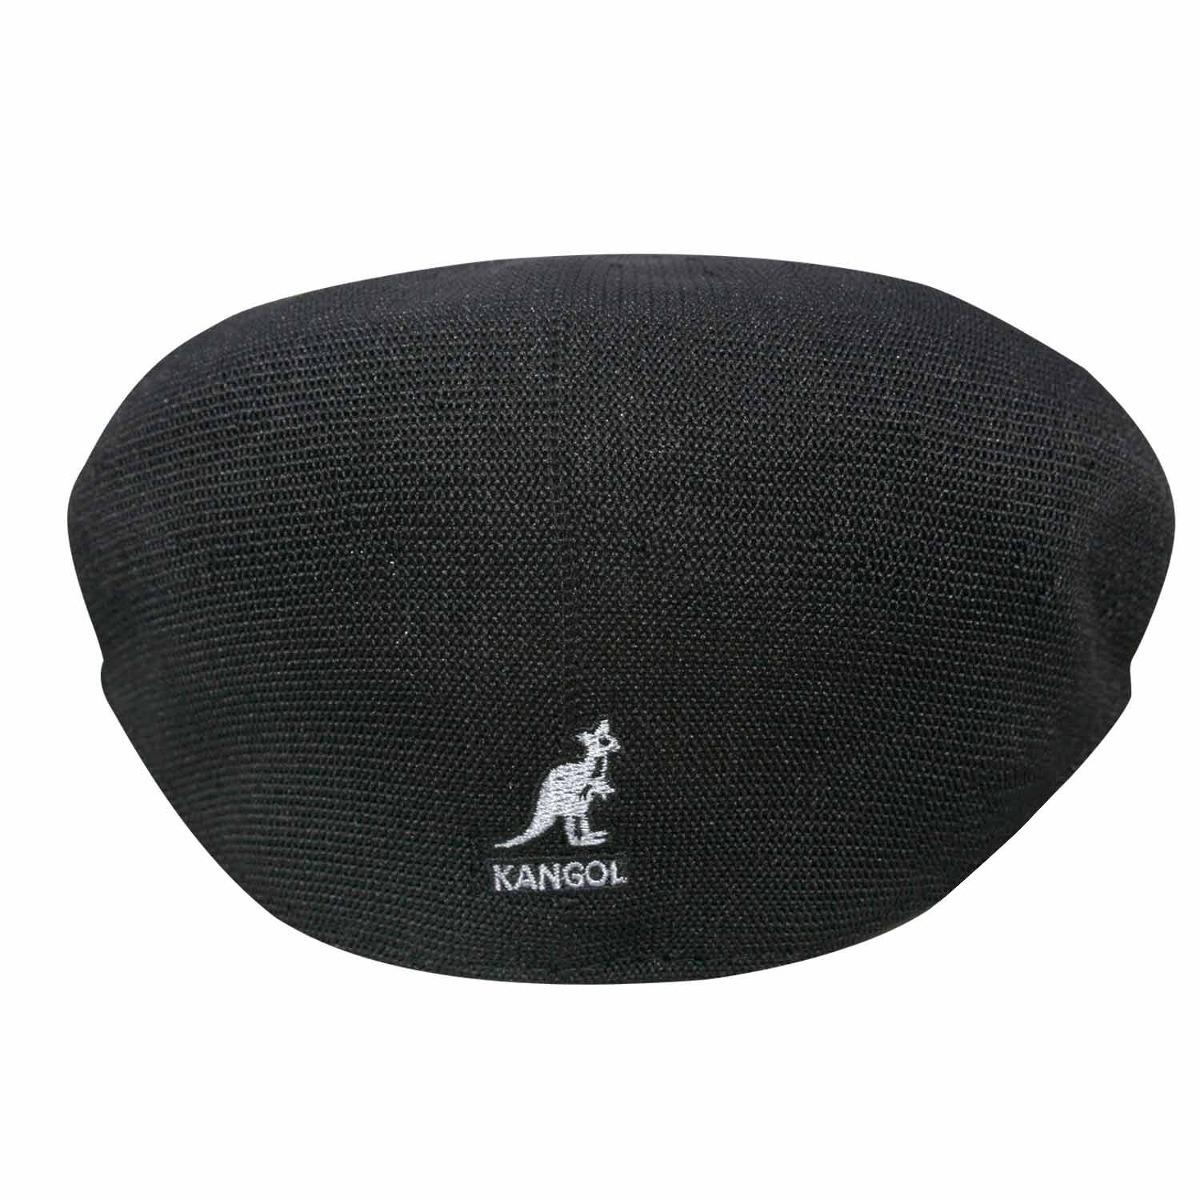 boina kangol tropic 504 -preto-tamanho 59 60. Carregando zoom. ca6f633a58b